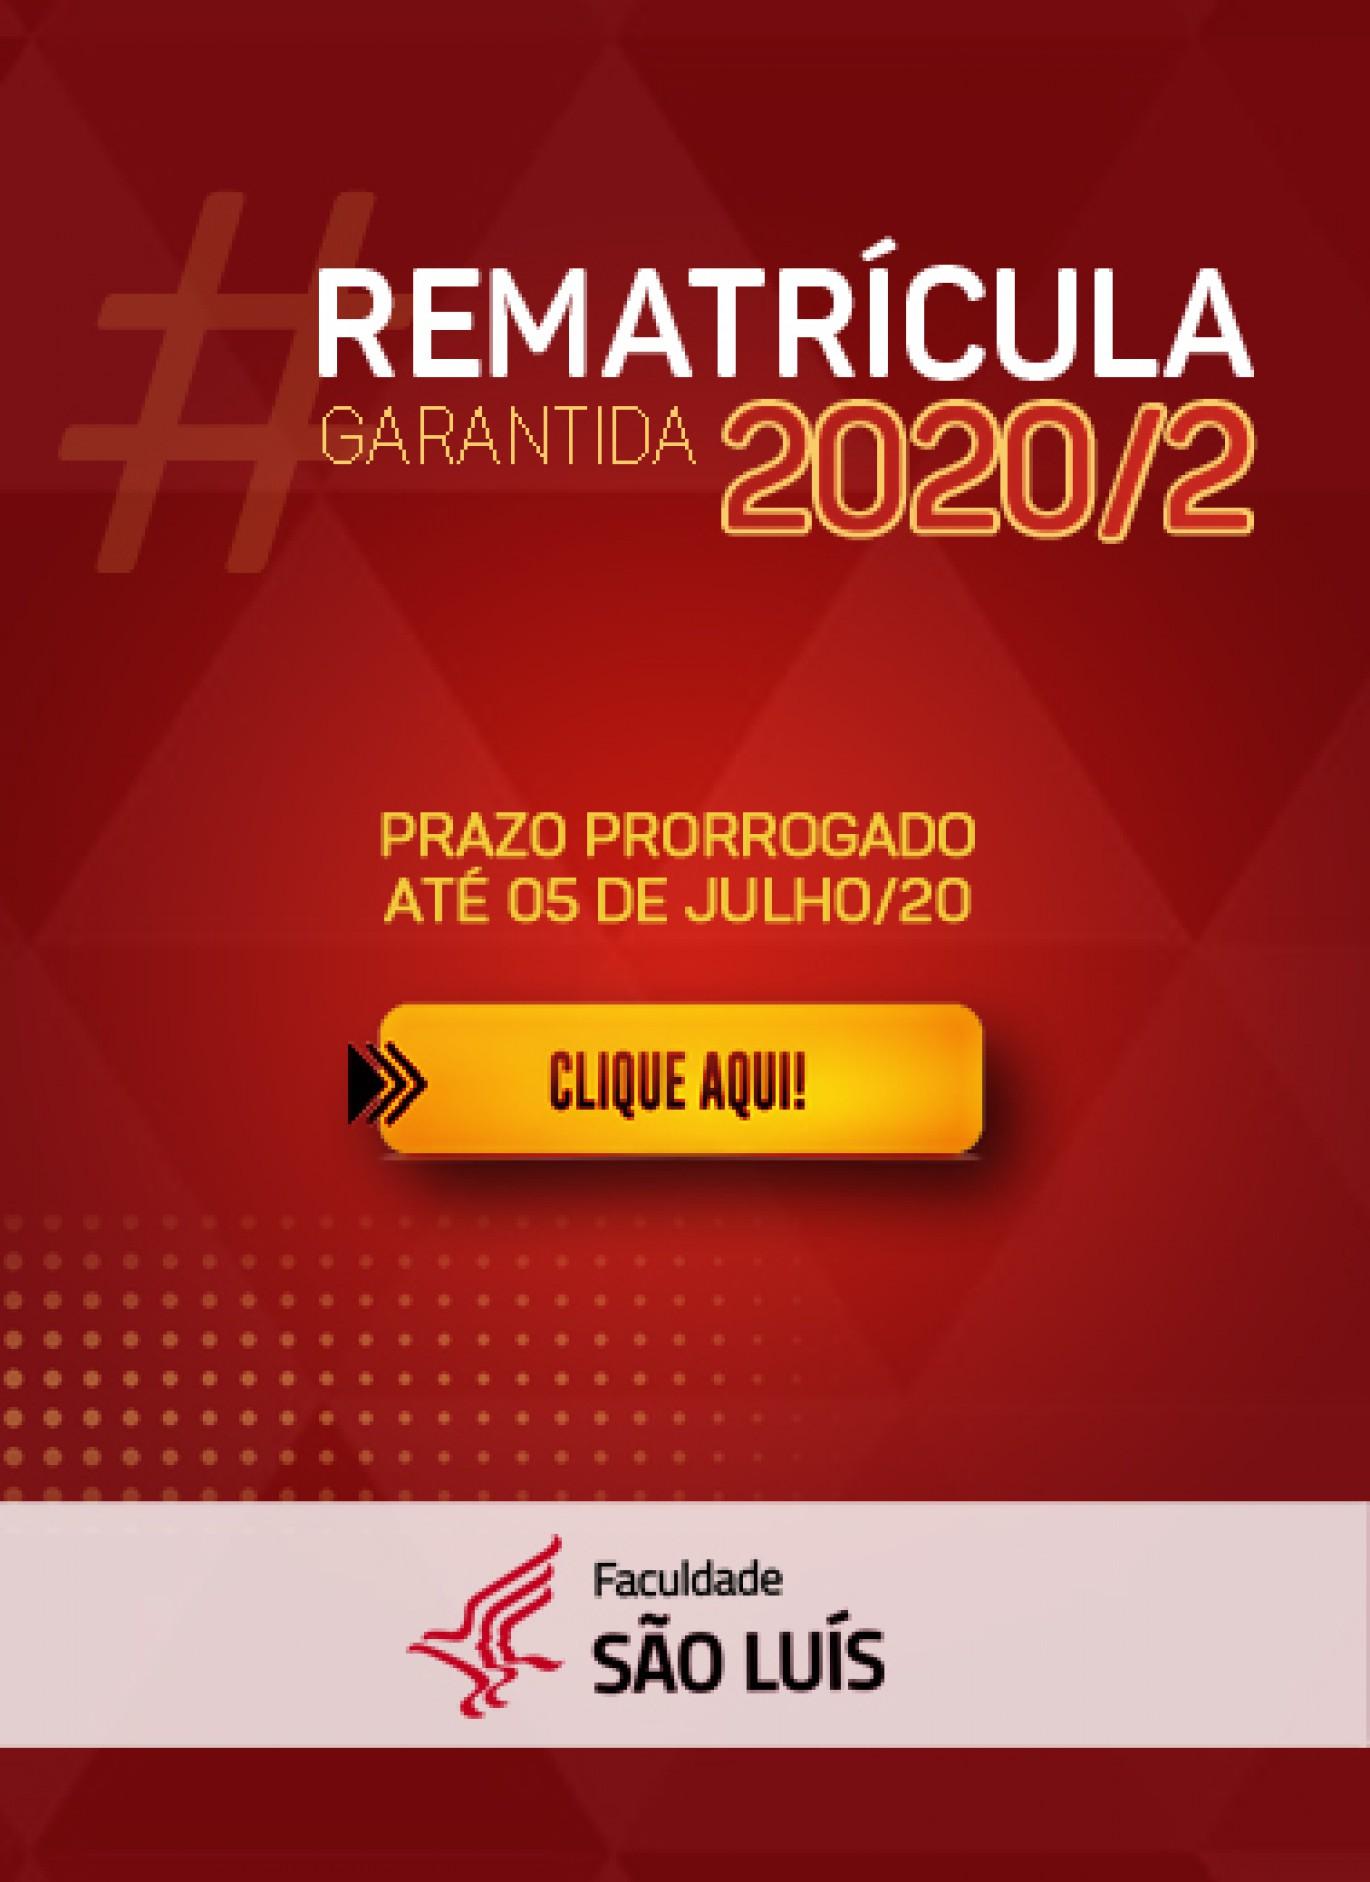 REMATRÍCULA 2020/2